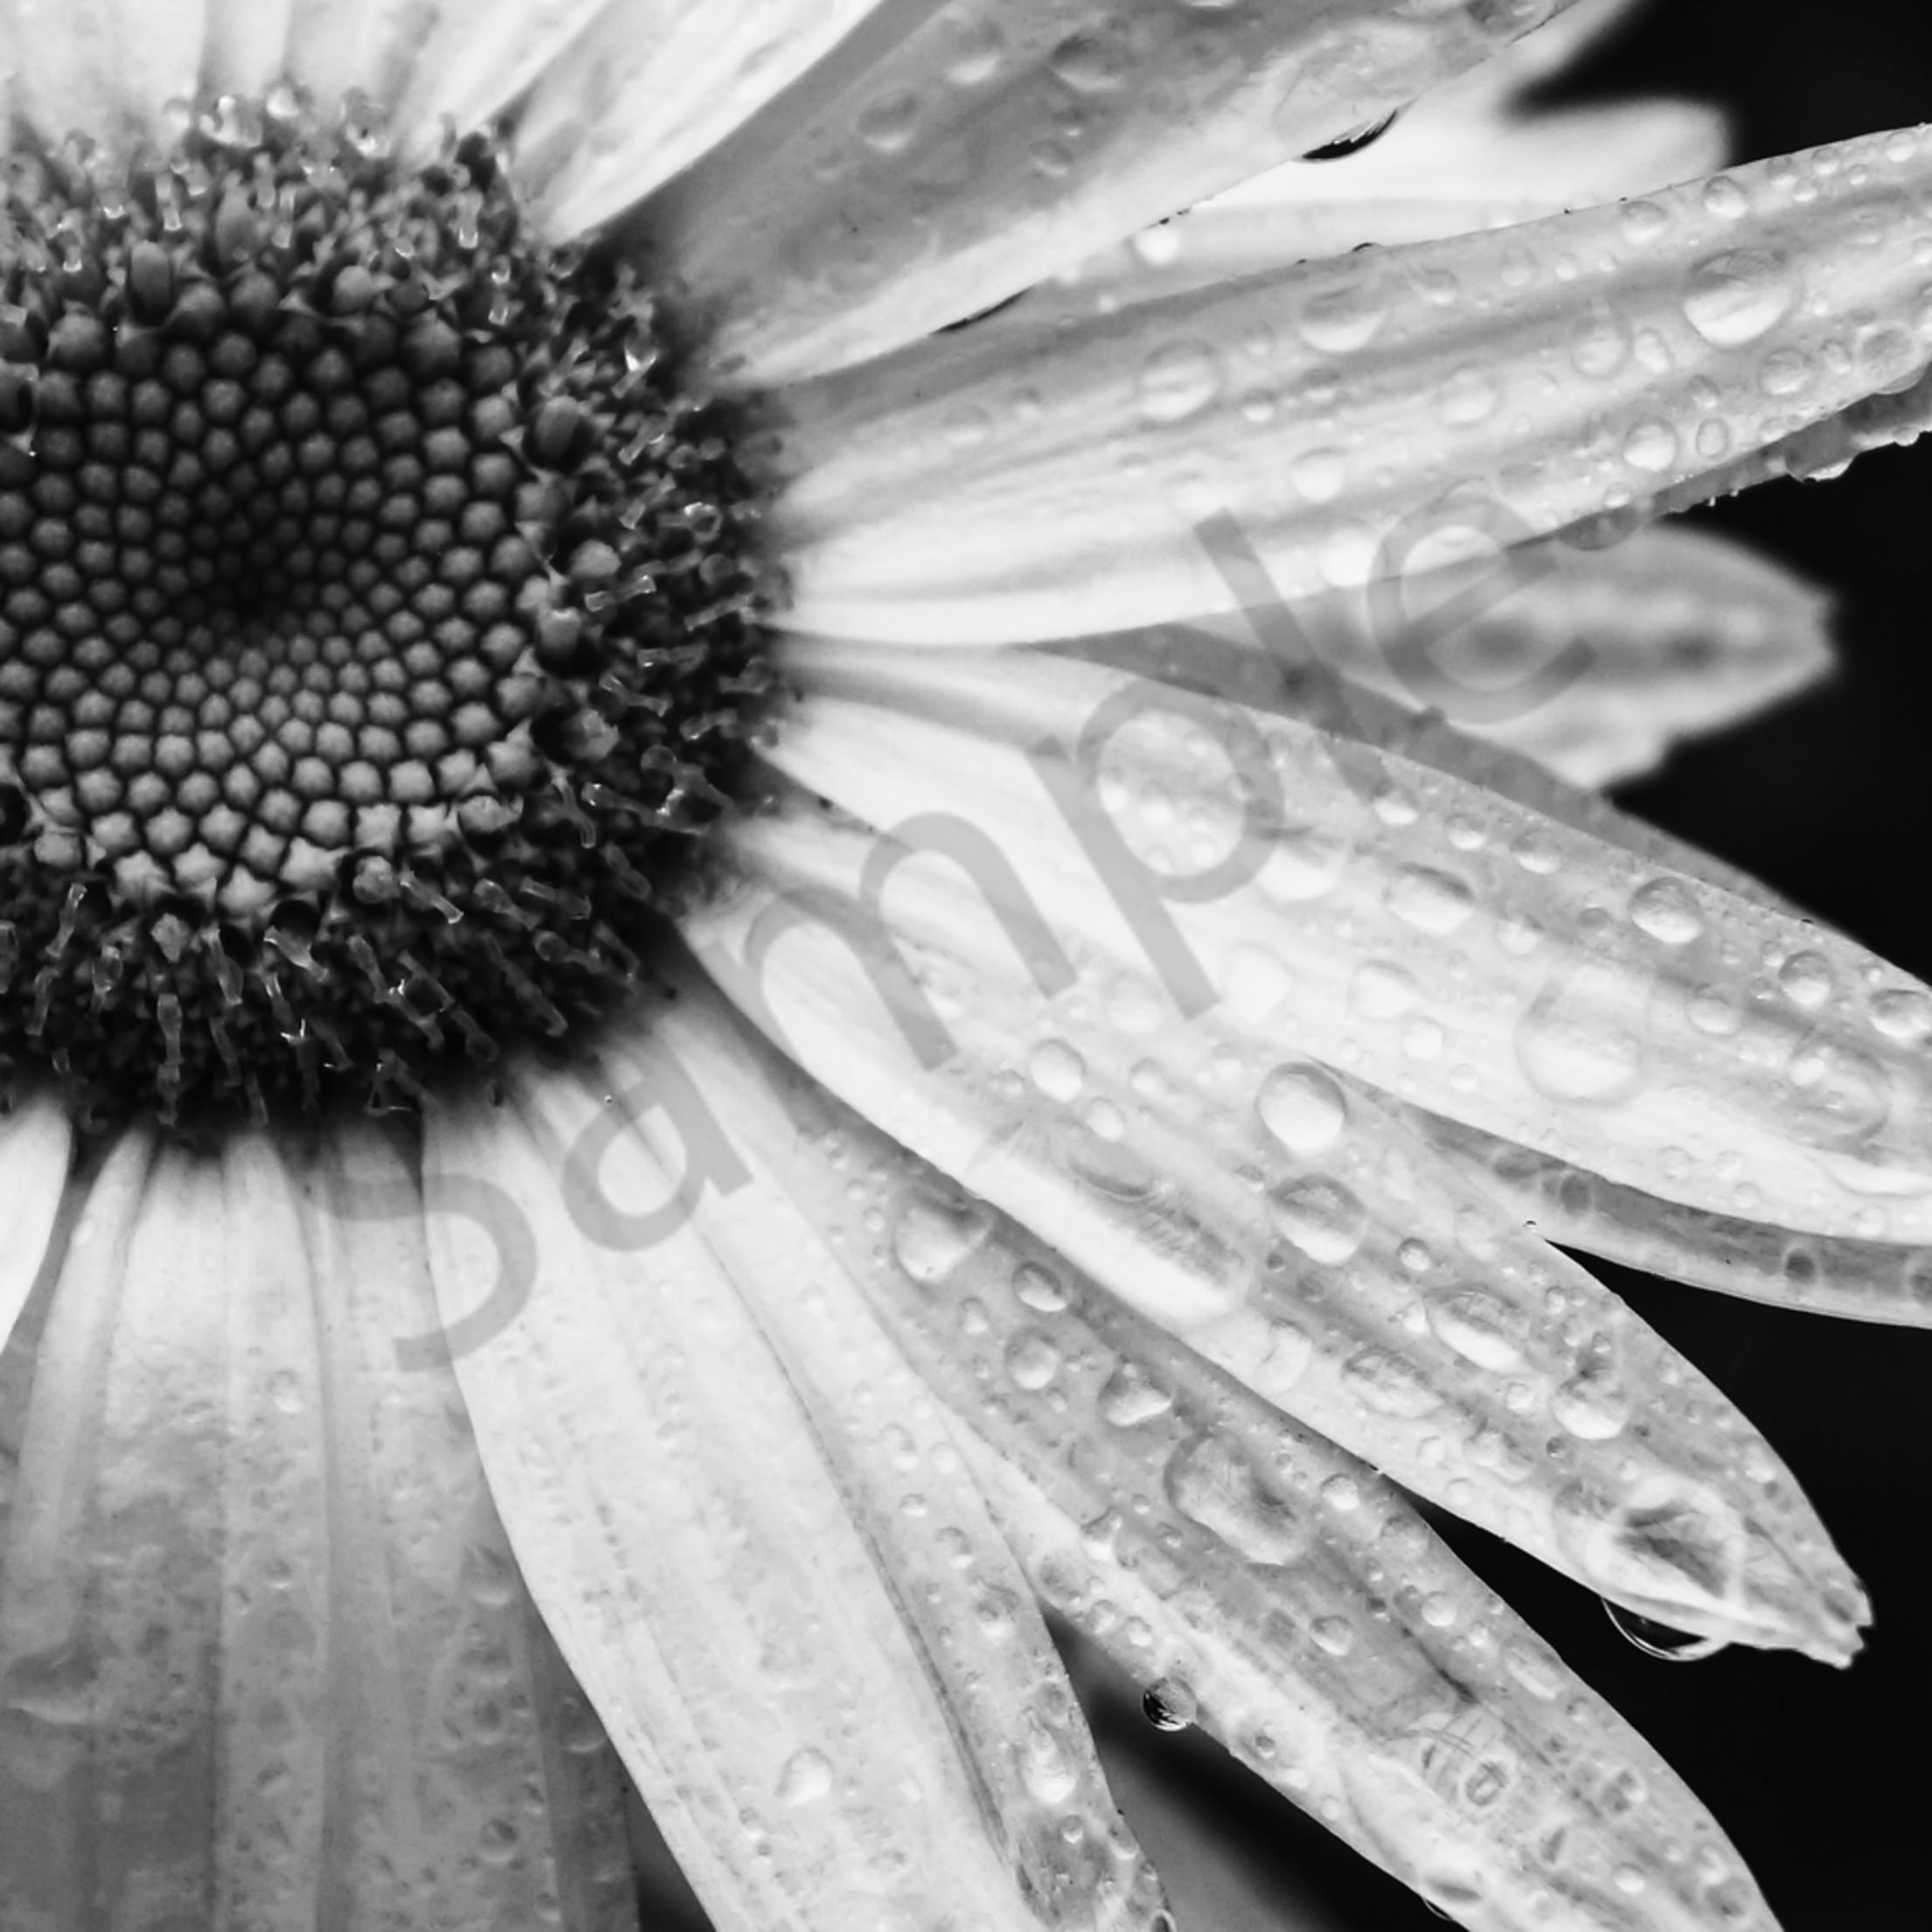 Rain drops on a daisy i8f4eb